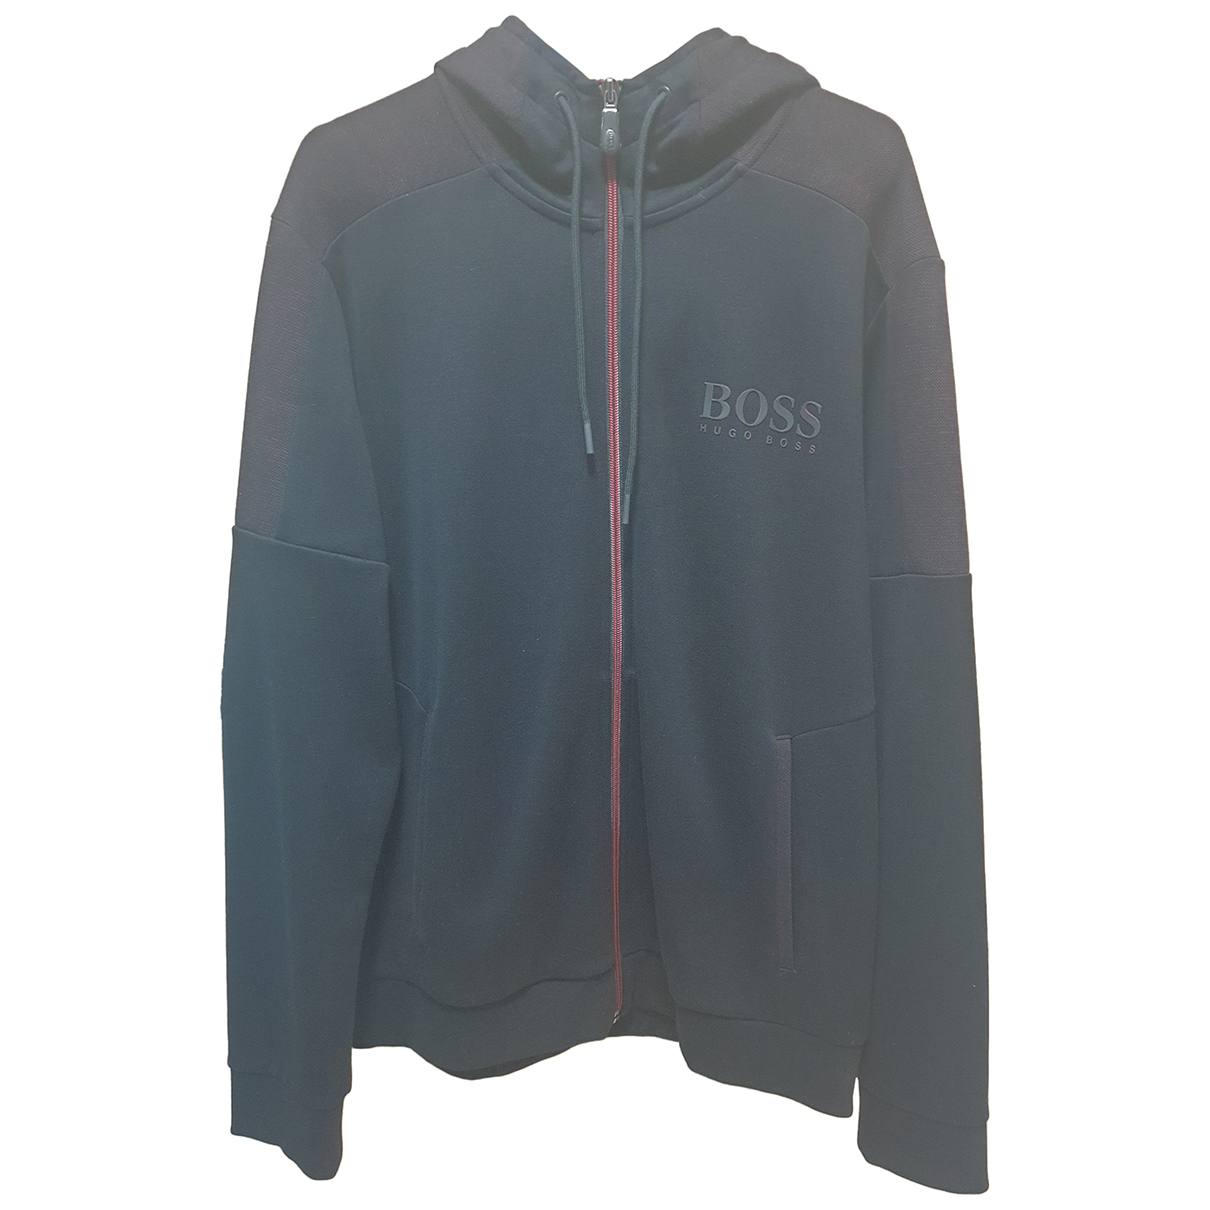 Hugo Boss \N Black jacket  for Men L International